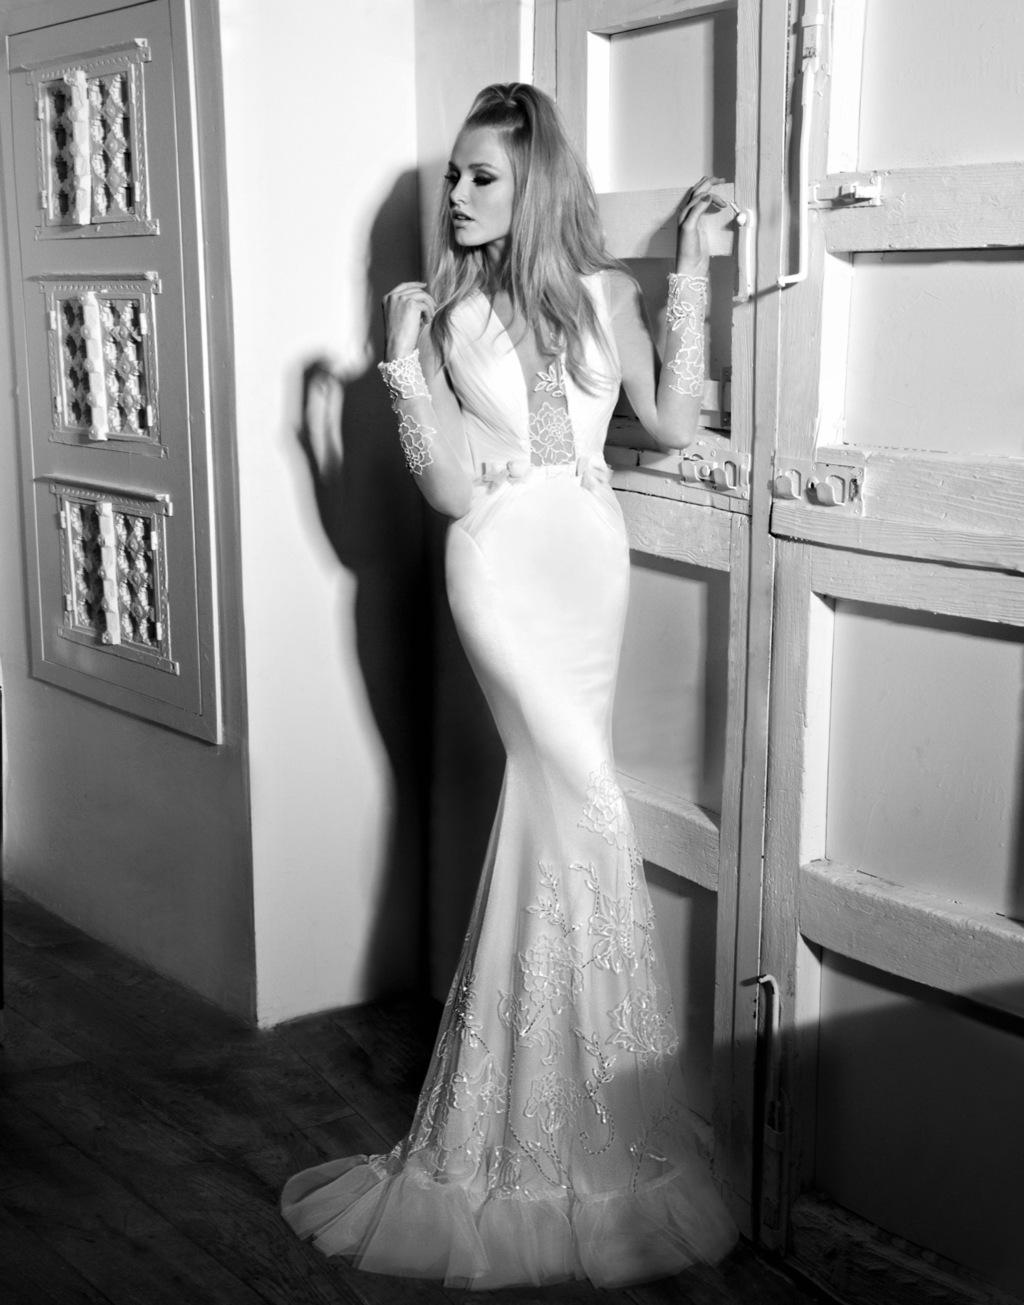 2013-wedding-dress-galia-lahav-bridal-britney.full